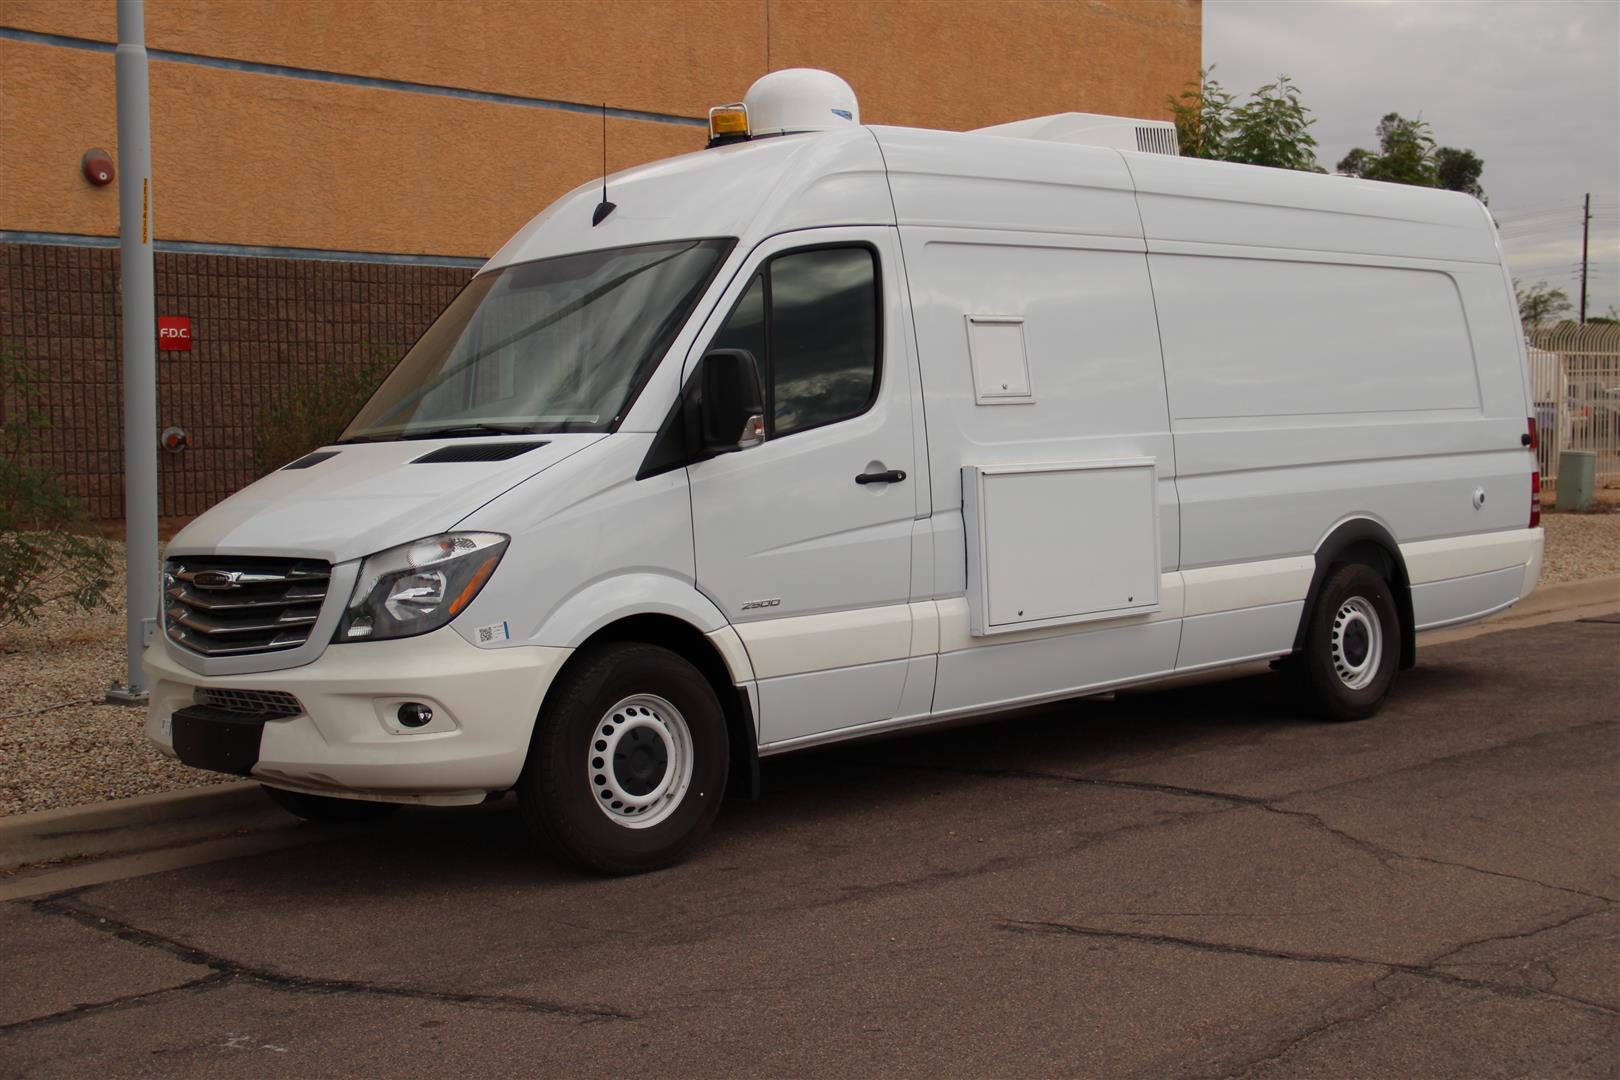 Negotiations Sprinter 170 Quot Wb Ext Quality Vans